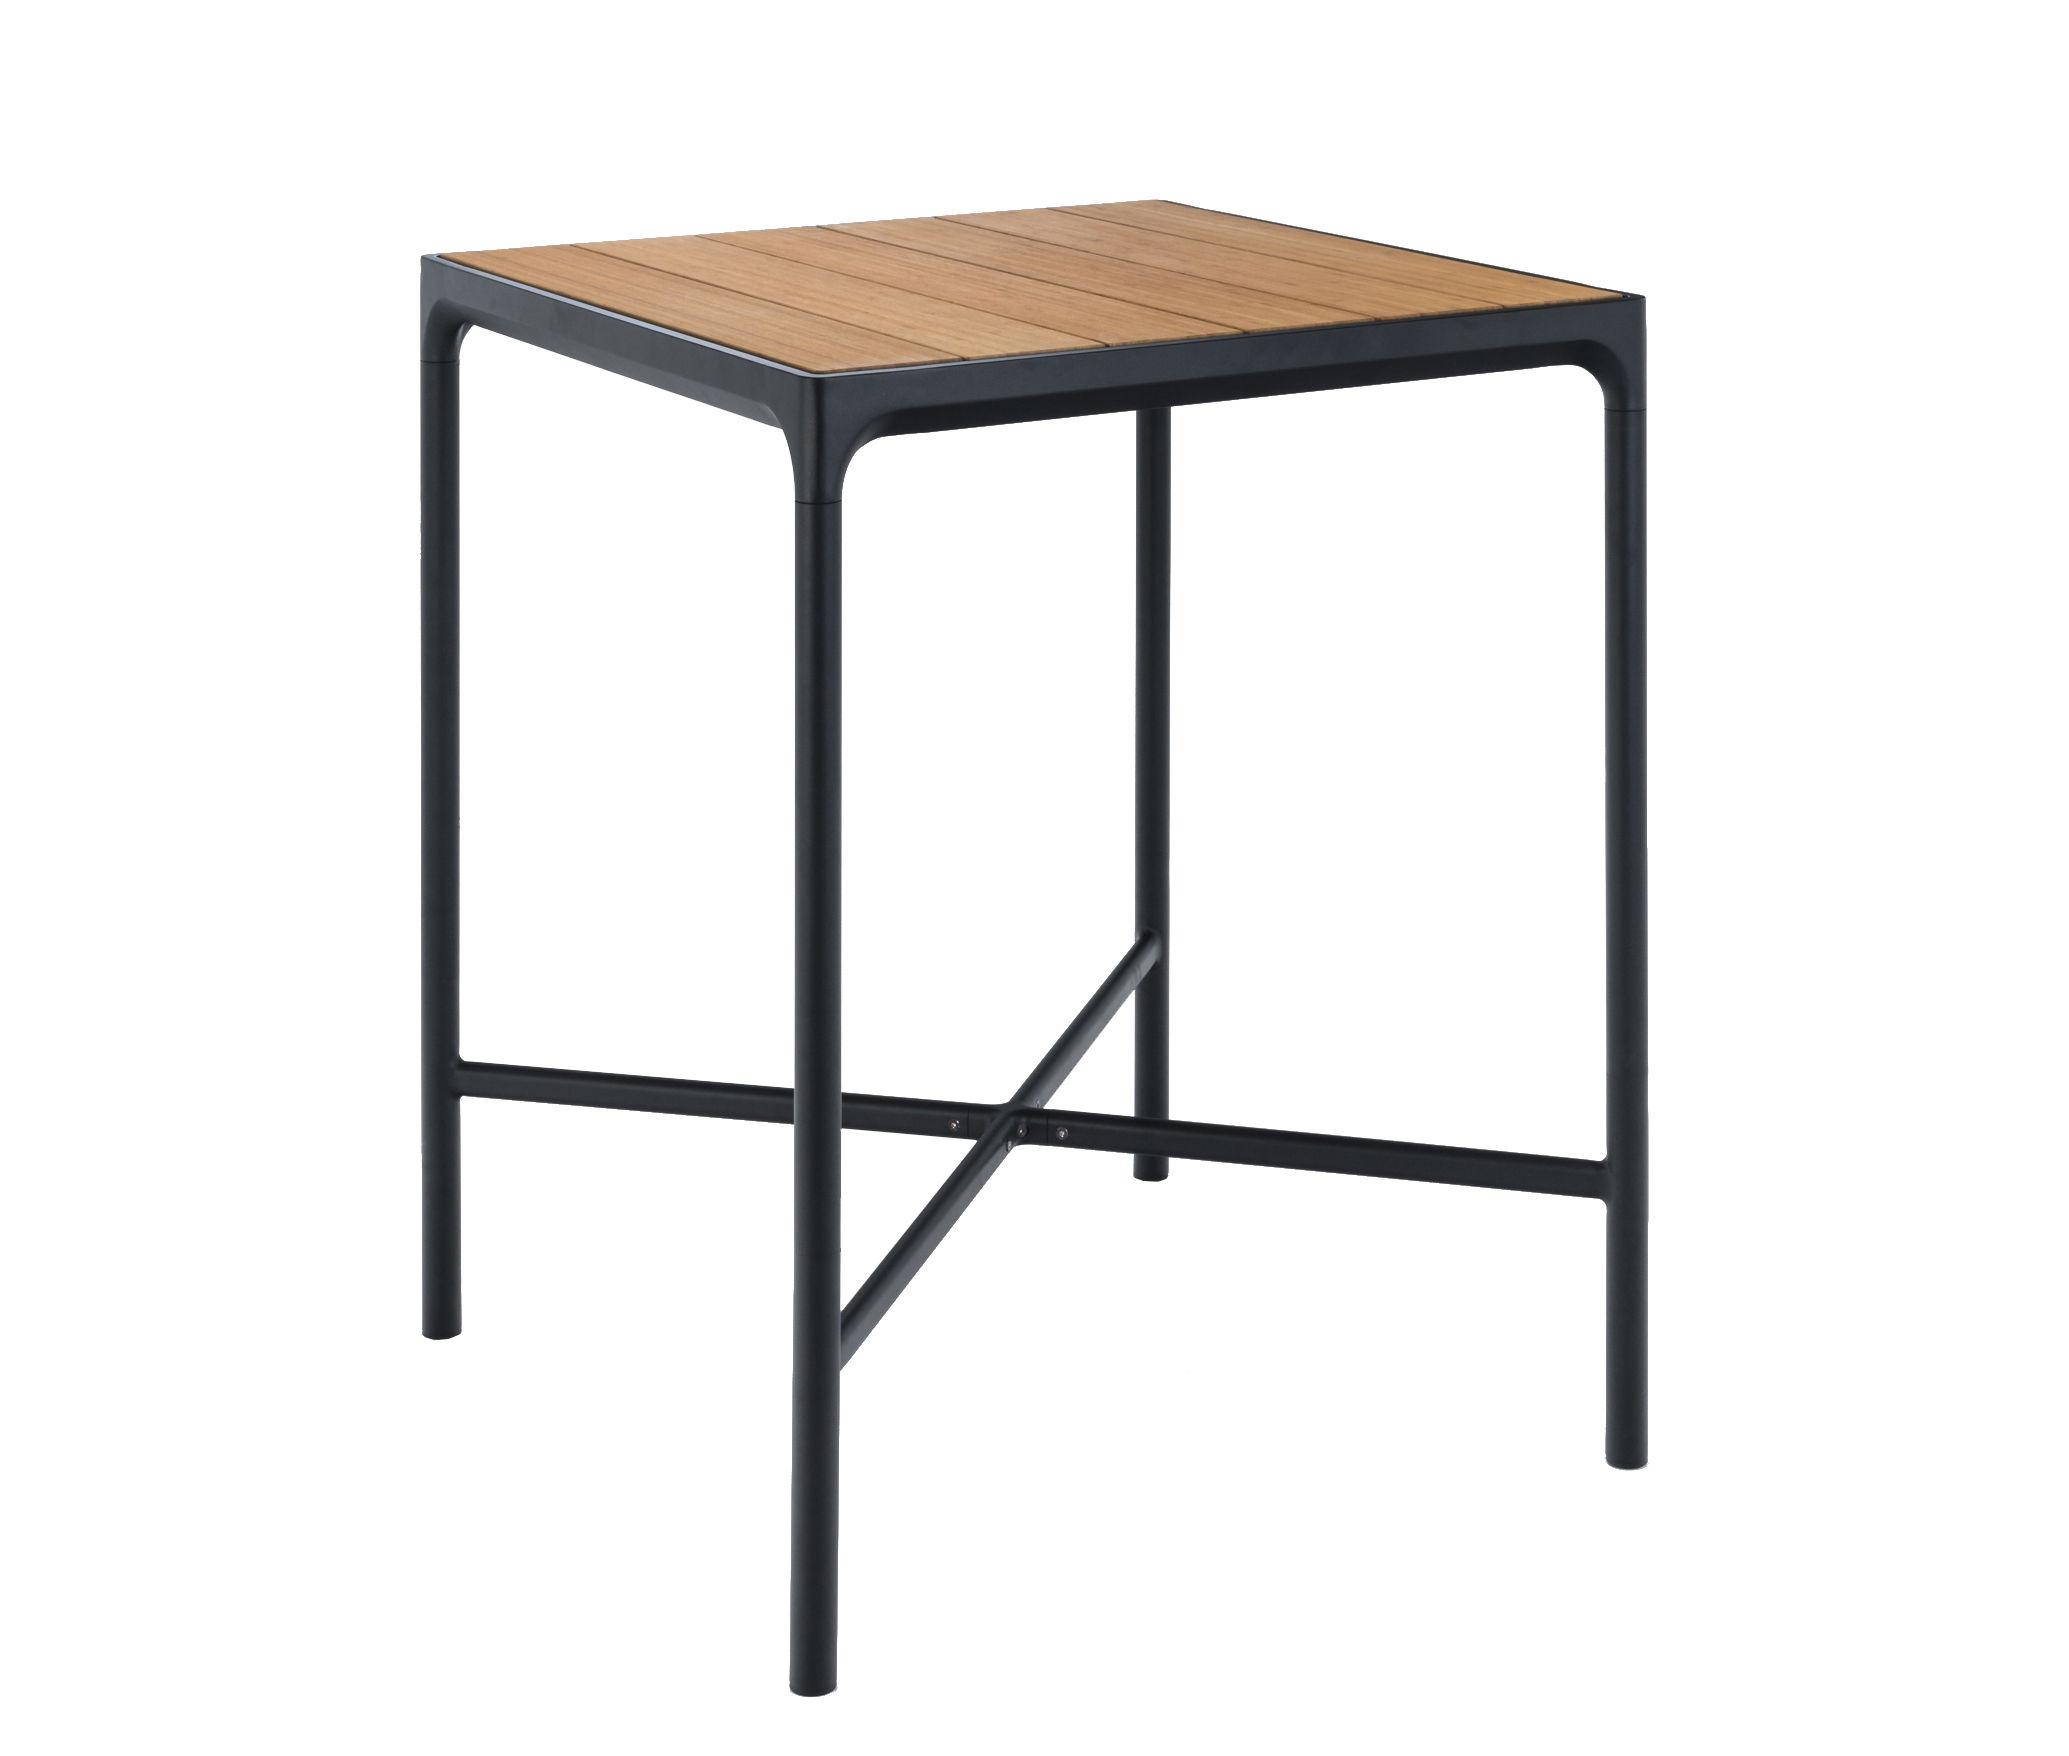 Arredamento - Tavoli alti - Tavolo alto Four - / L 90 x H 111 cm di Houe - Bambù / Base nera - Alluminio, Bambù